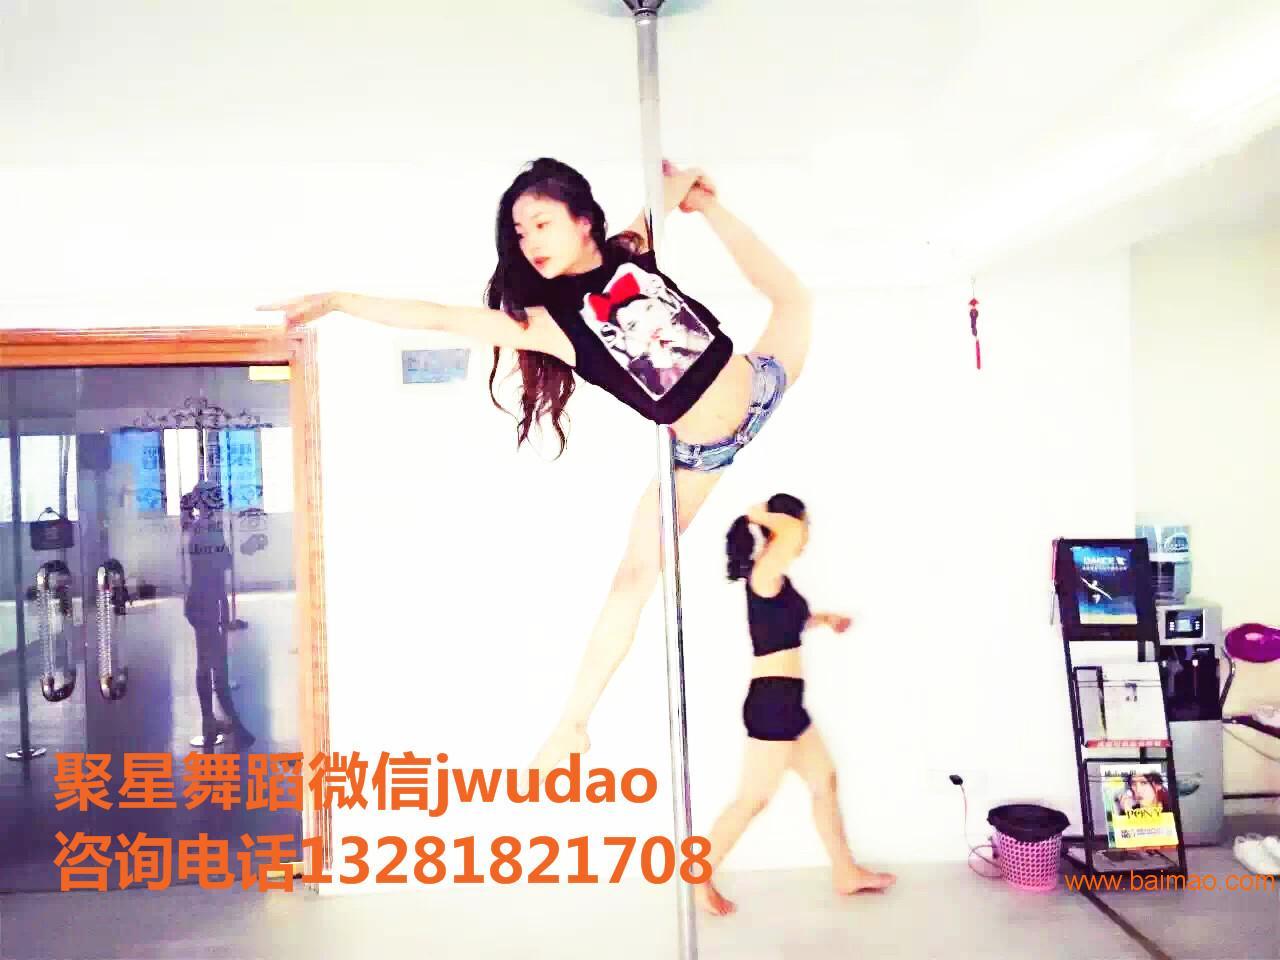 湘潭鋼管舞學校 湘潭專業鋼管舞